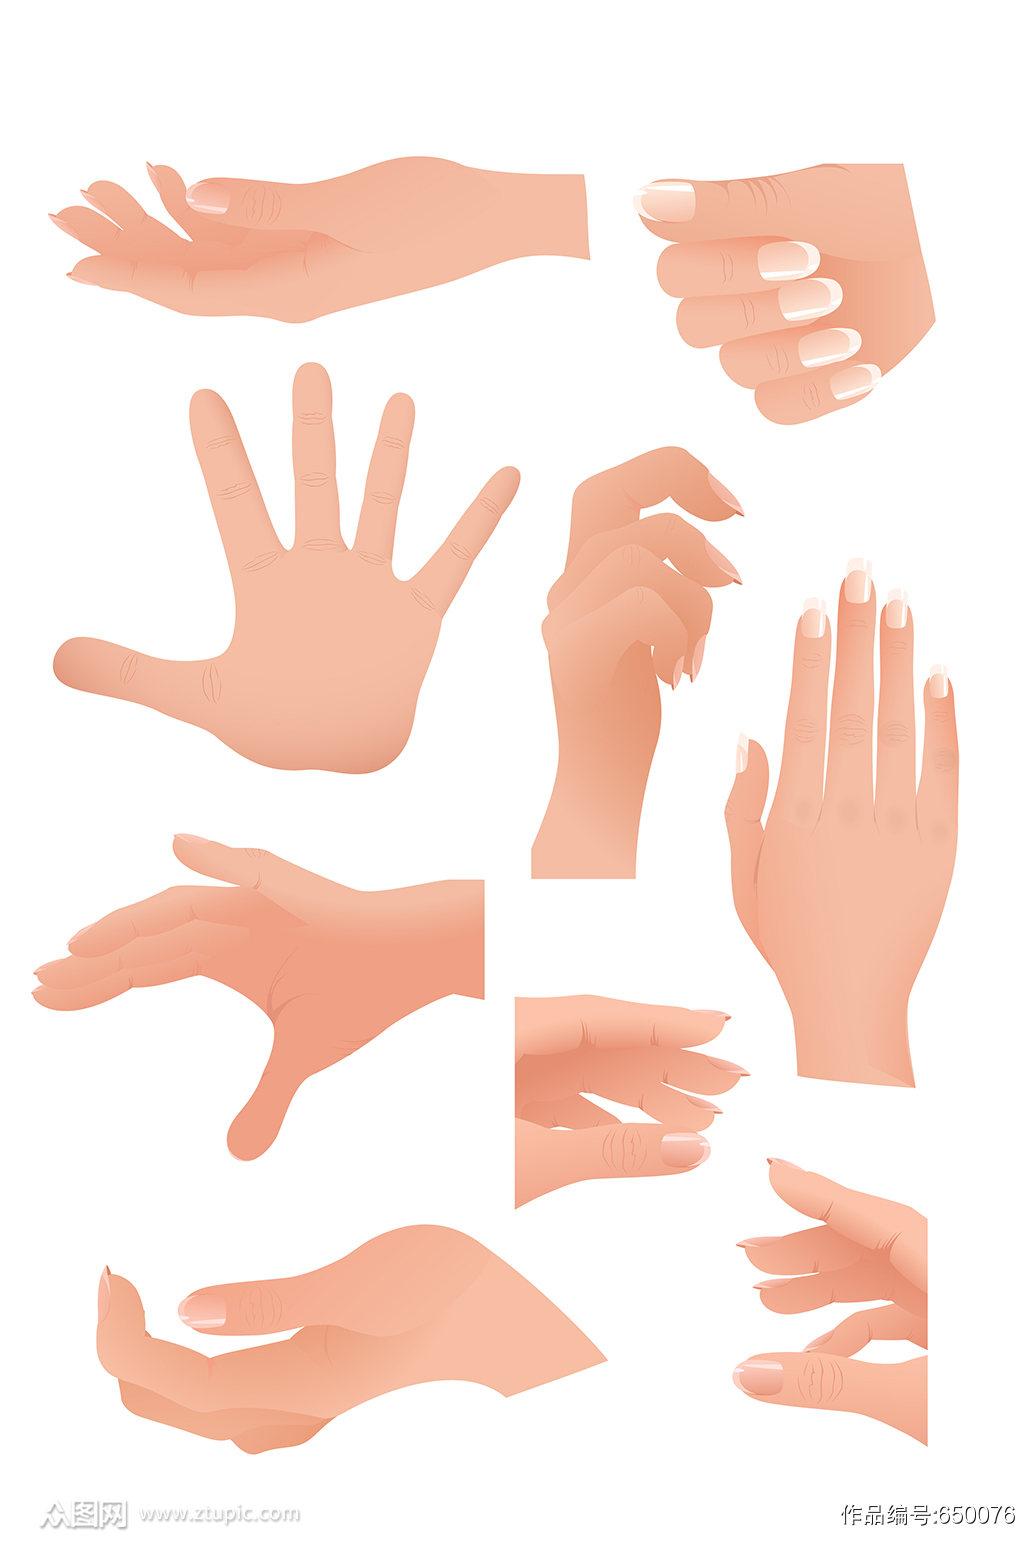 手绘人物手势素材手特写素材